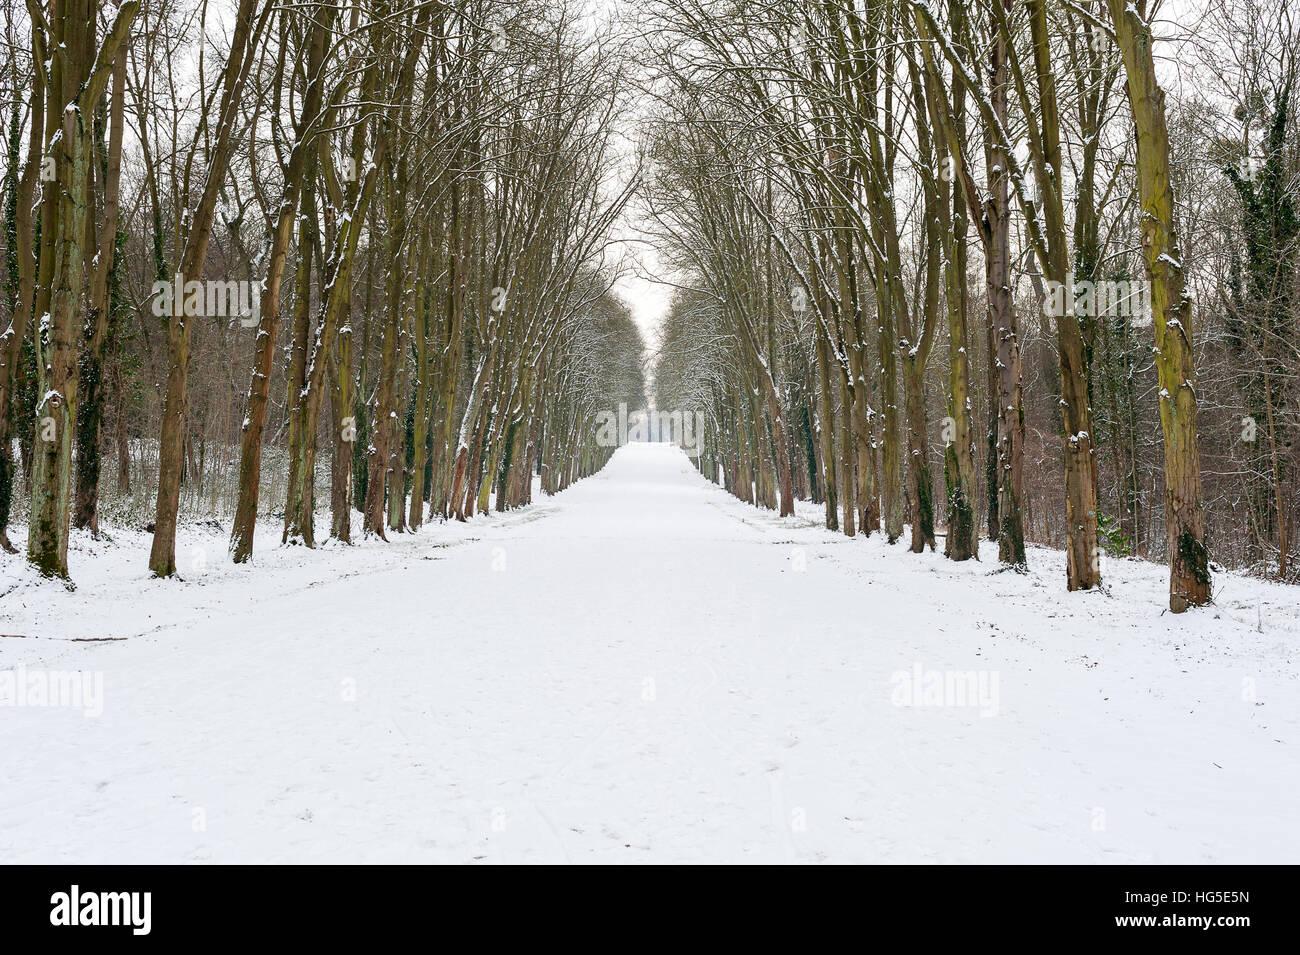 Empty road under the snow with tree alignment, Parc de Saint-Cloud, Paris, France - Stock Image